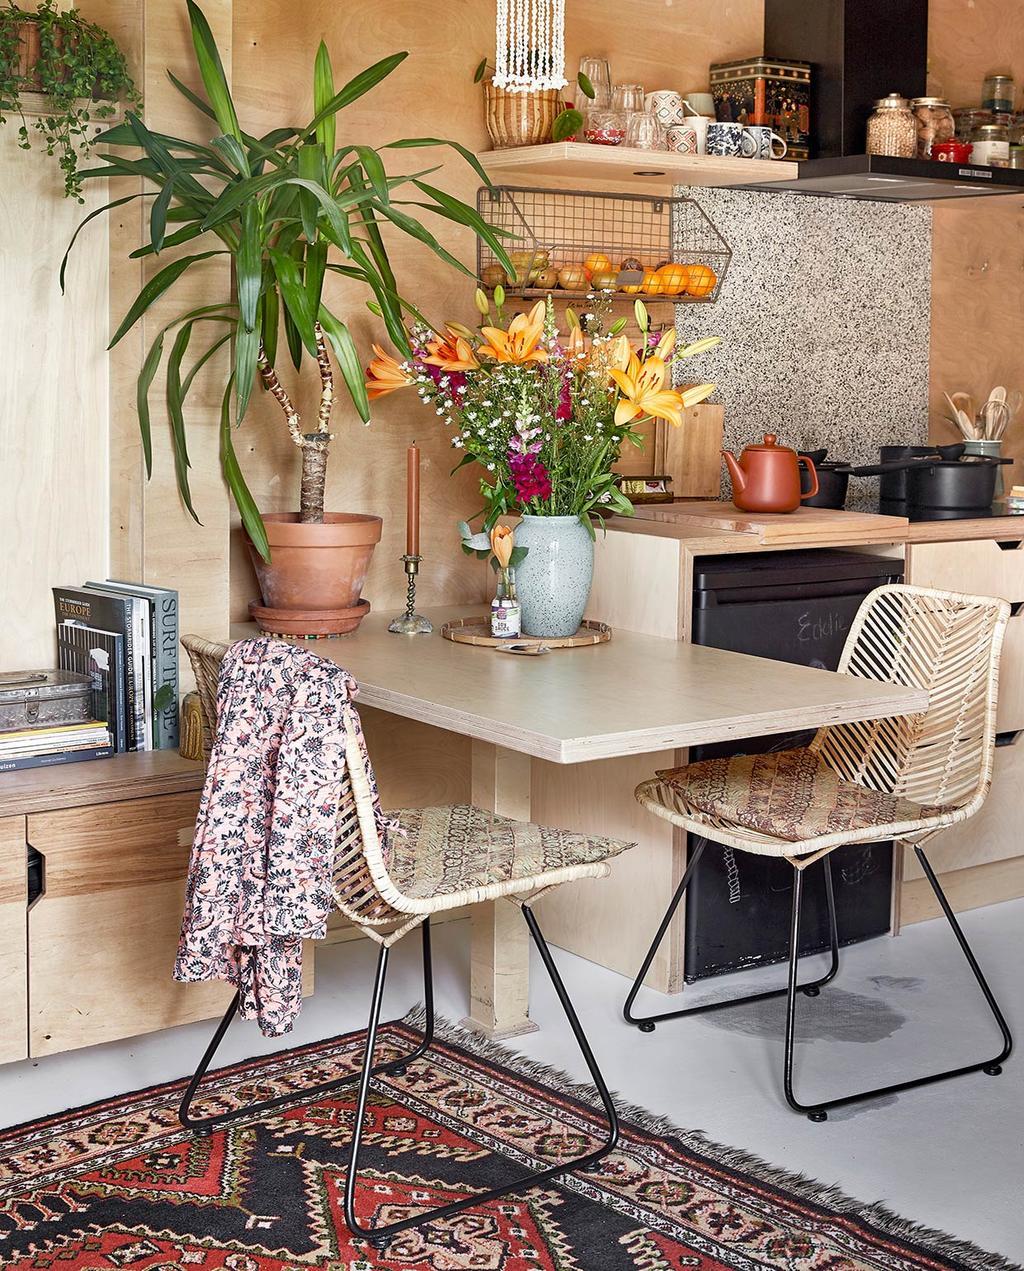 vtwonen binnenkijken special tiny houses | houten eettafel en stoelen in de keuken met zwarte koelkast en kandelaar